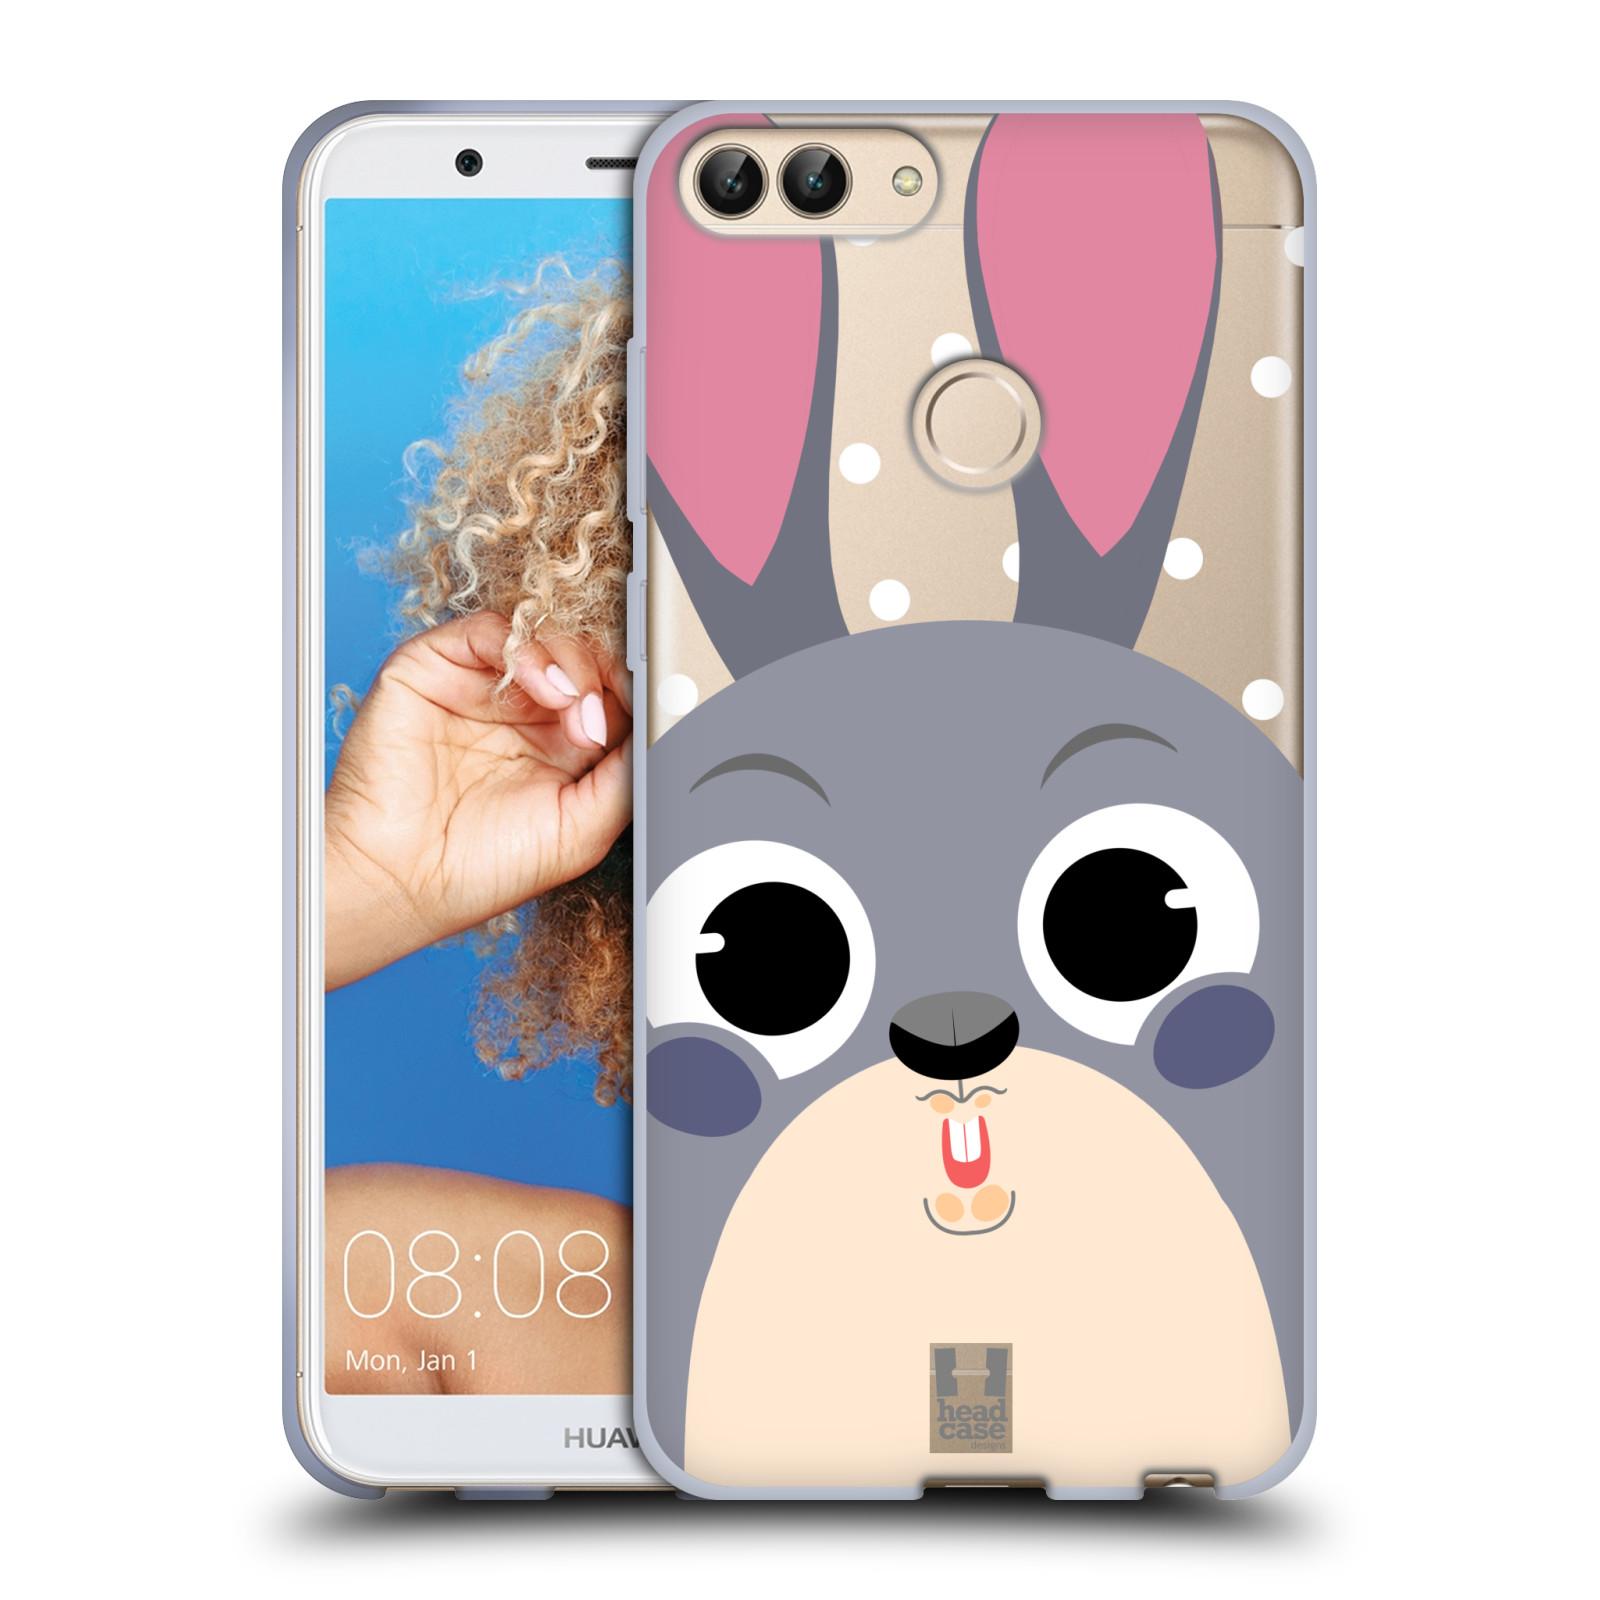 Silikonové pouzdro na mobil Huawei P Smart - Head Case - Králíček roztomilouš